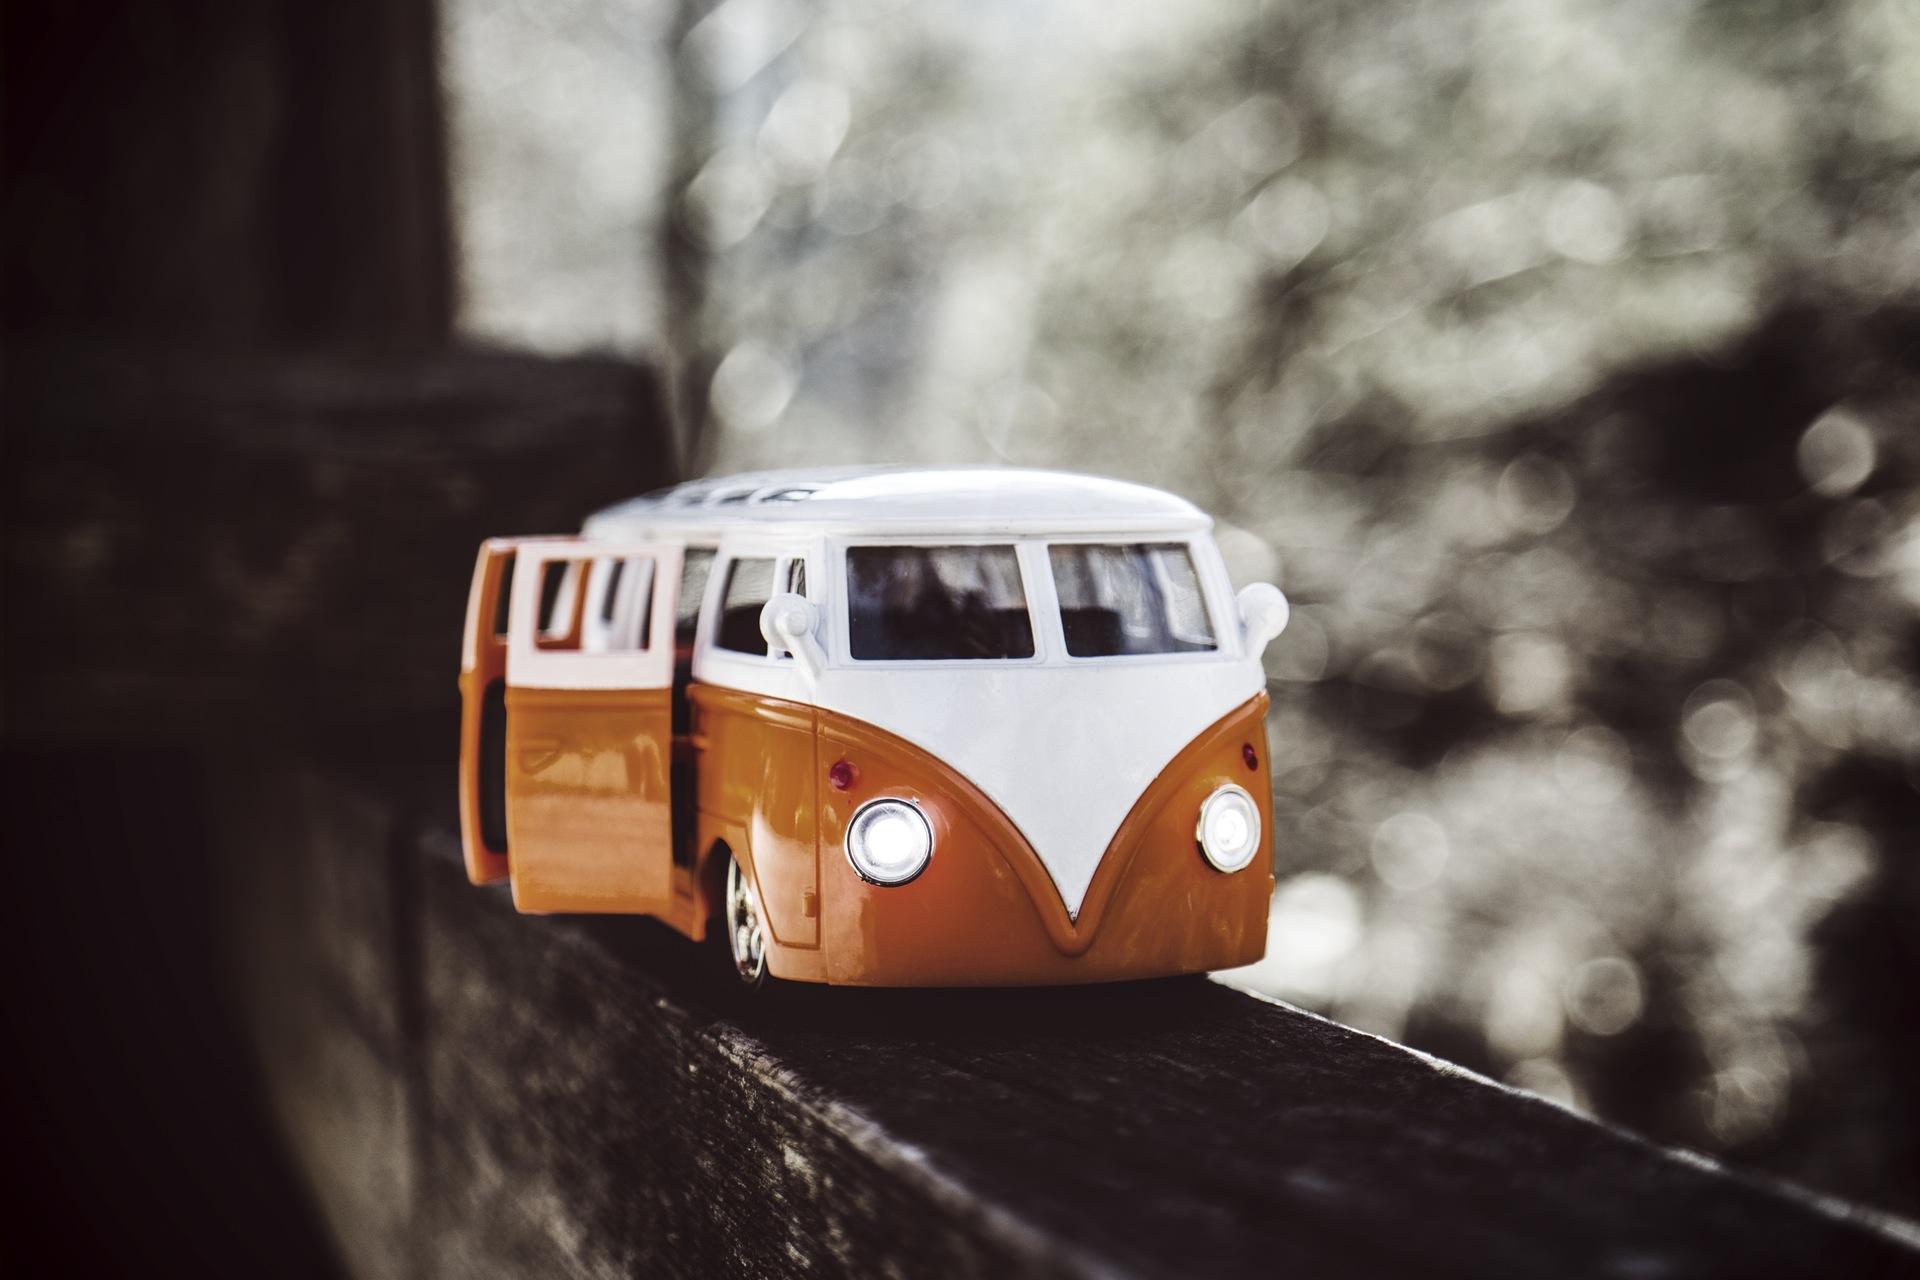 वान, वाहन, खिलौना, हिप्पी, प्यार, शांति, वोक्सवैगन - HD वॉलपेपर - प्रोफेसर-falken.com